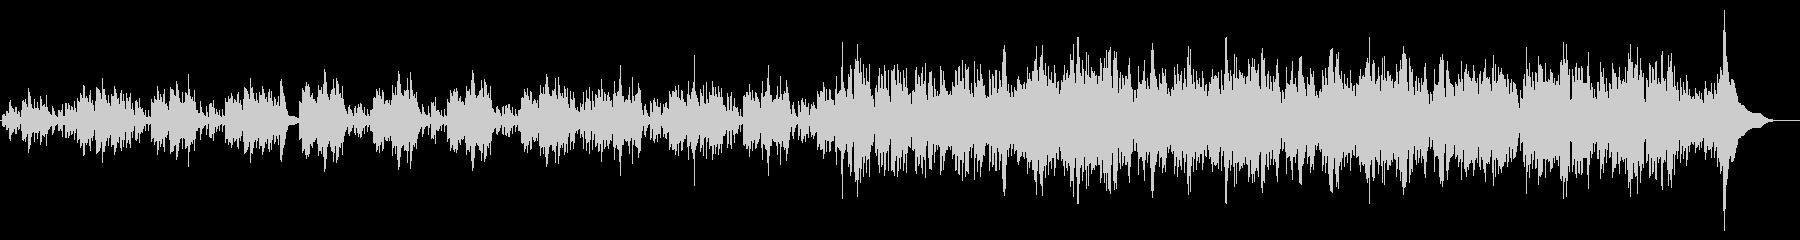 ハープの壮大な曲の未再生の波形